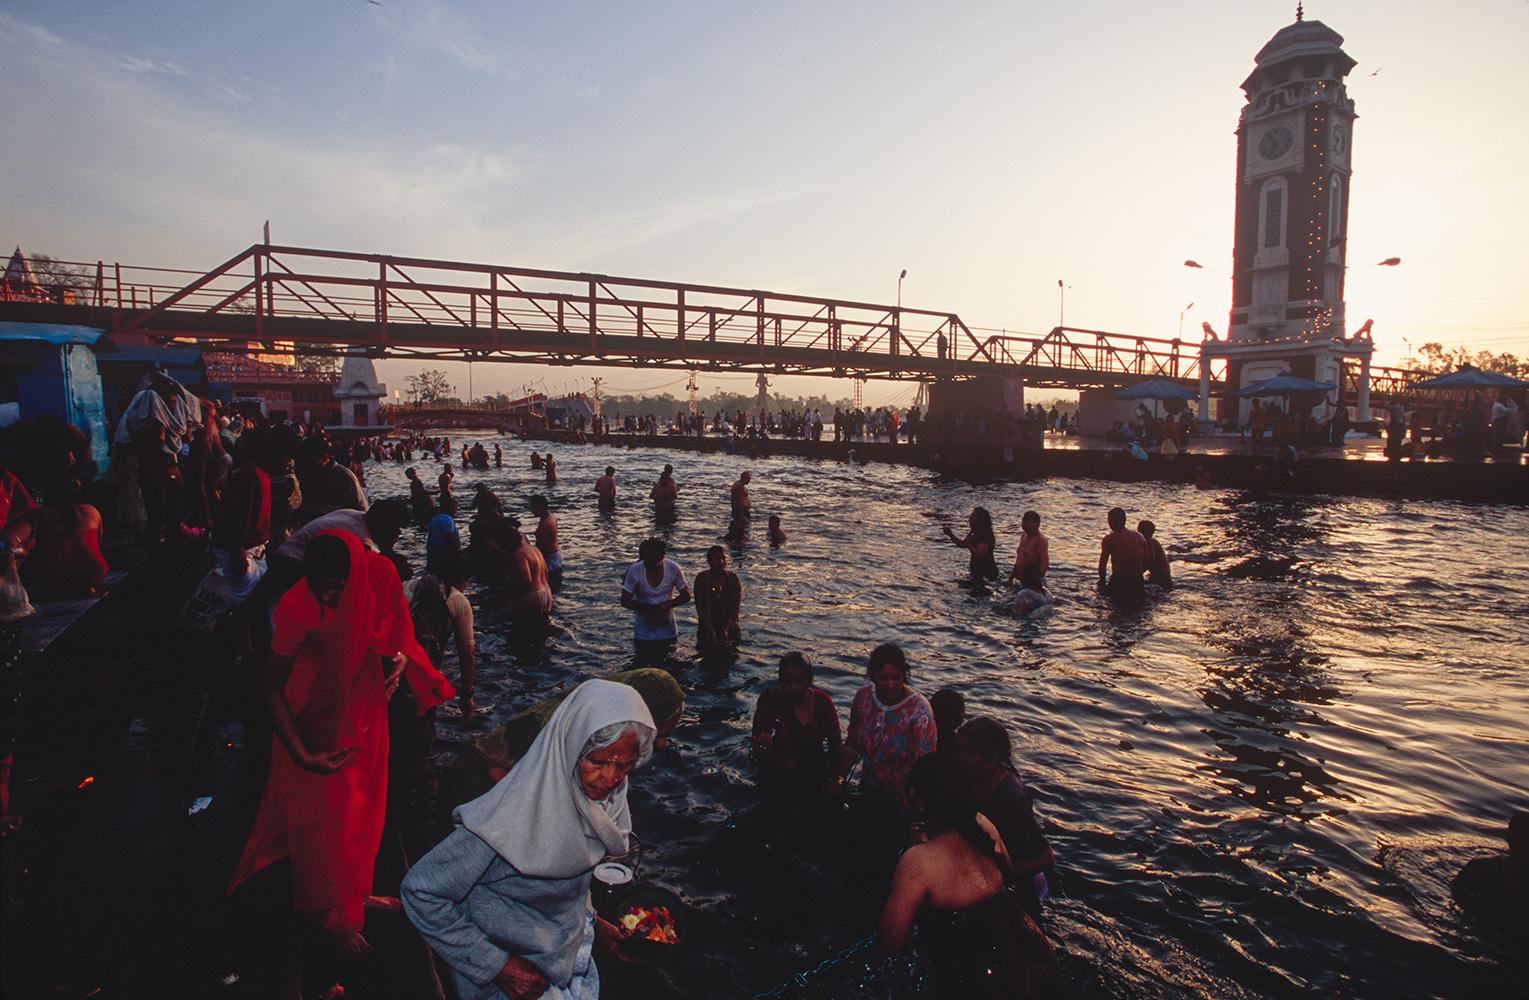 haridwar_riverfront3_2004RVP